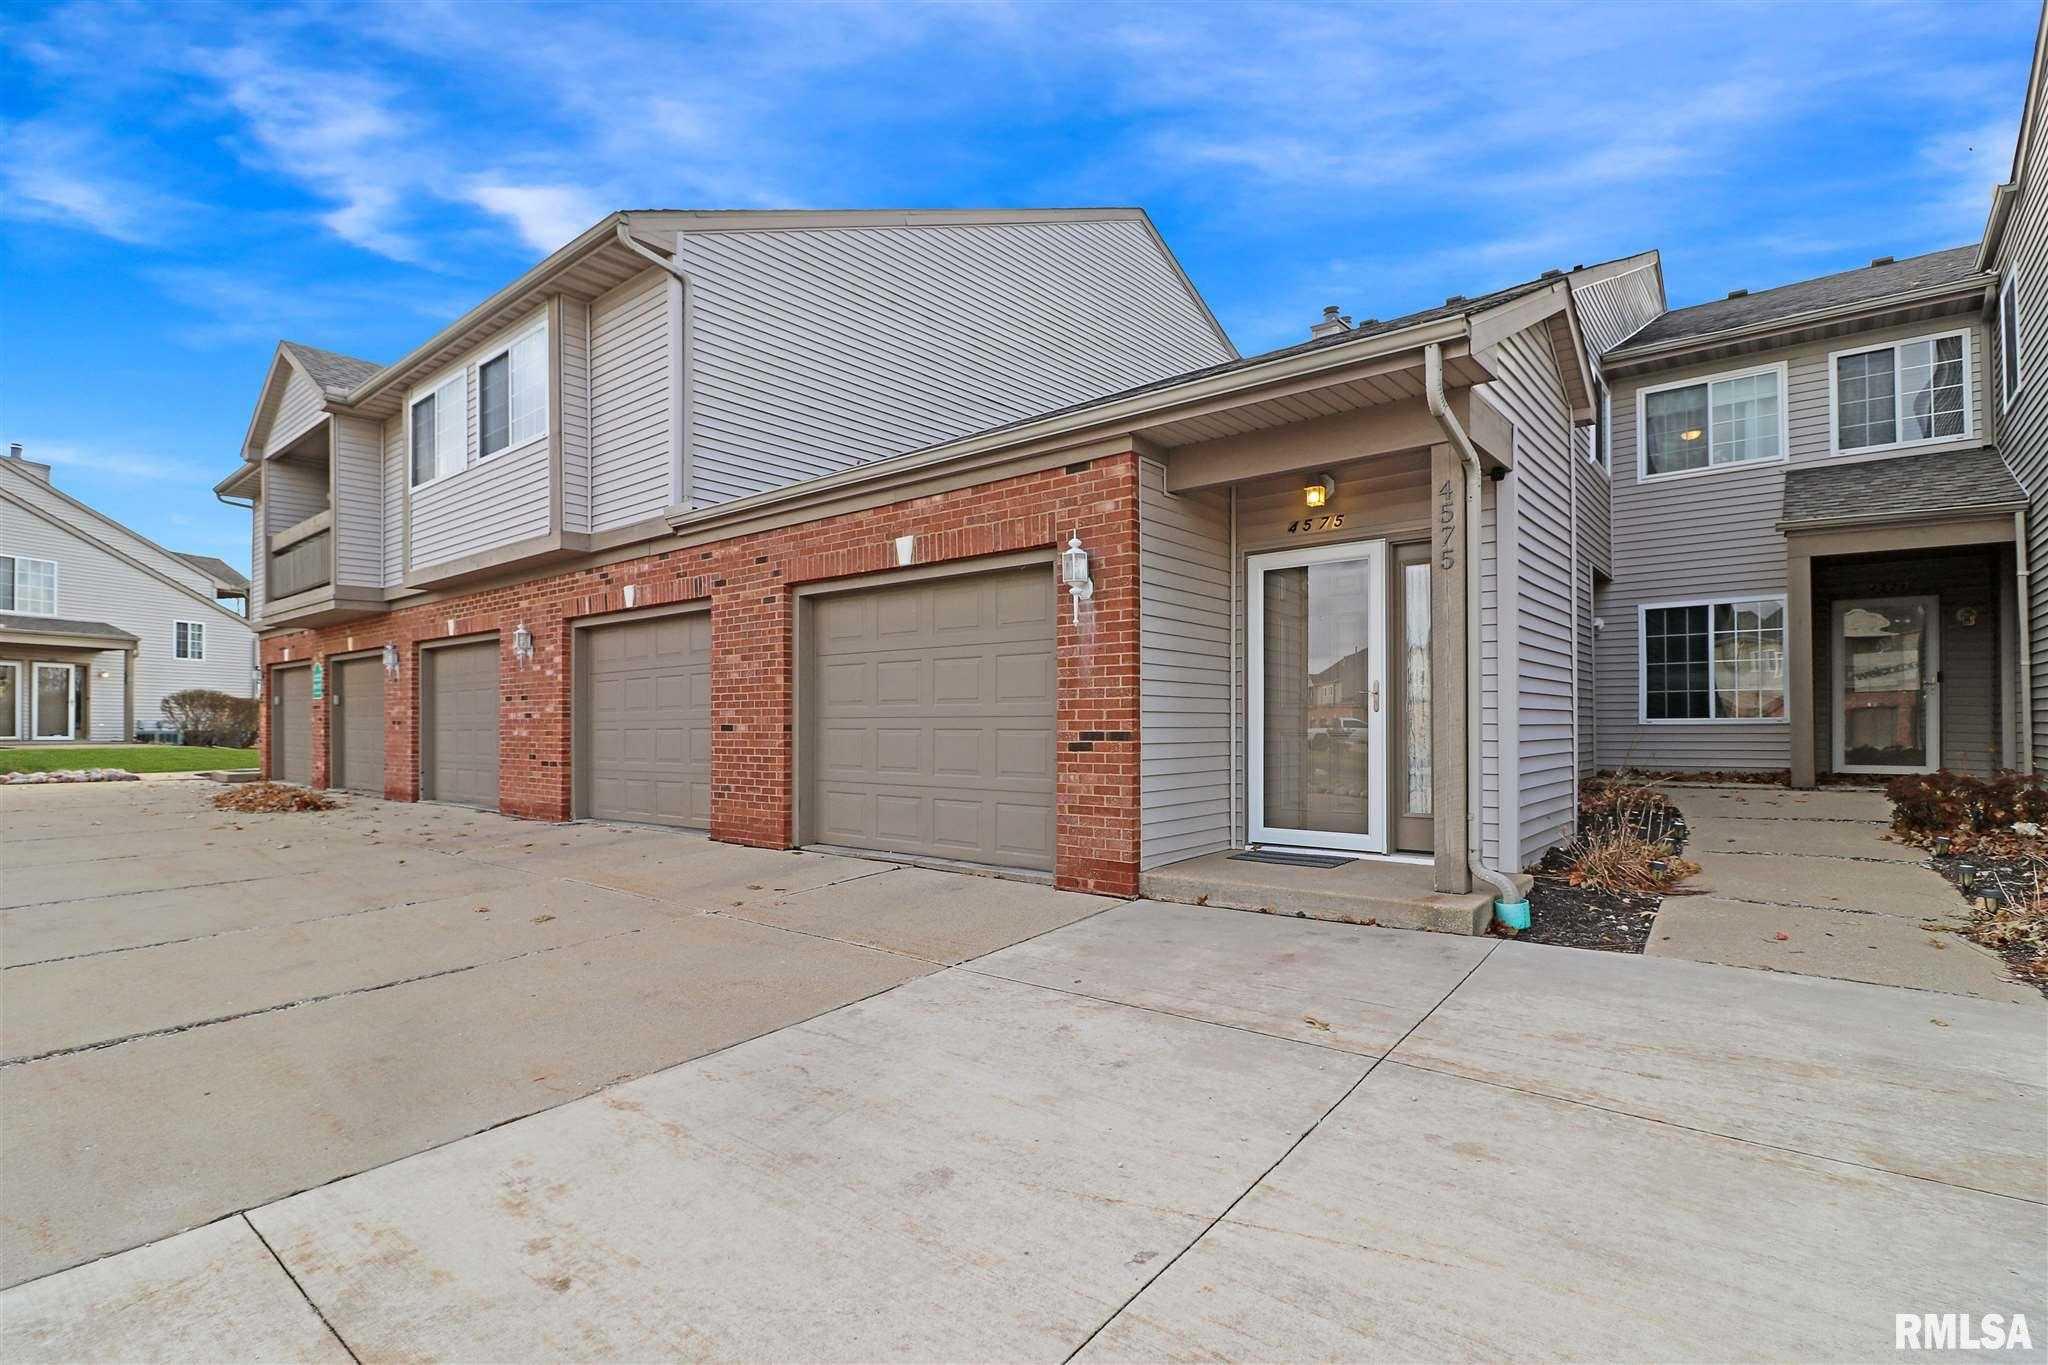 $149,900 - 2Br/2Ba -  for Sale in Weaverridge, Peoria